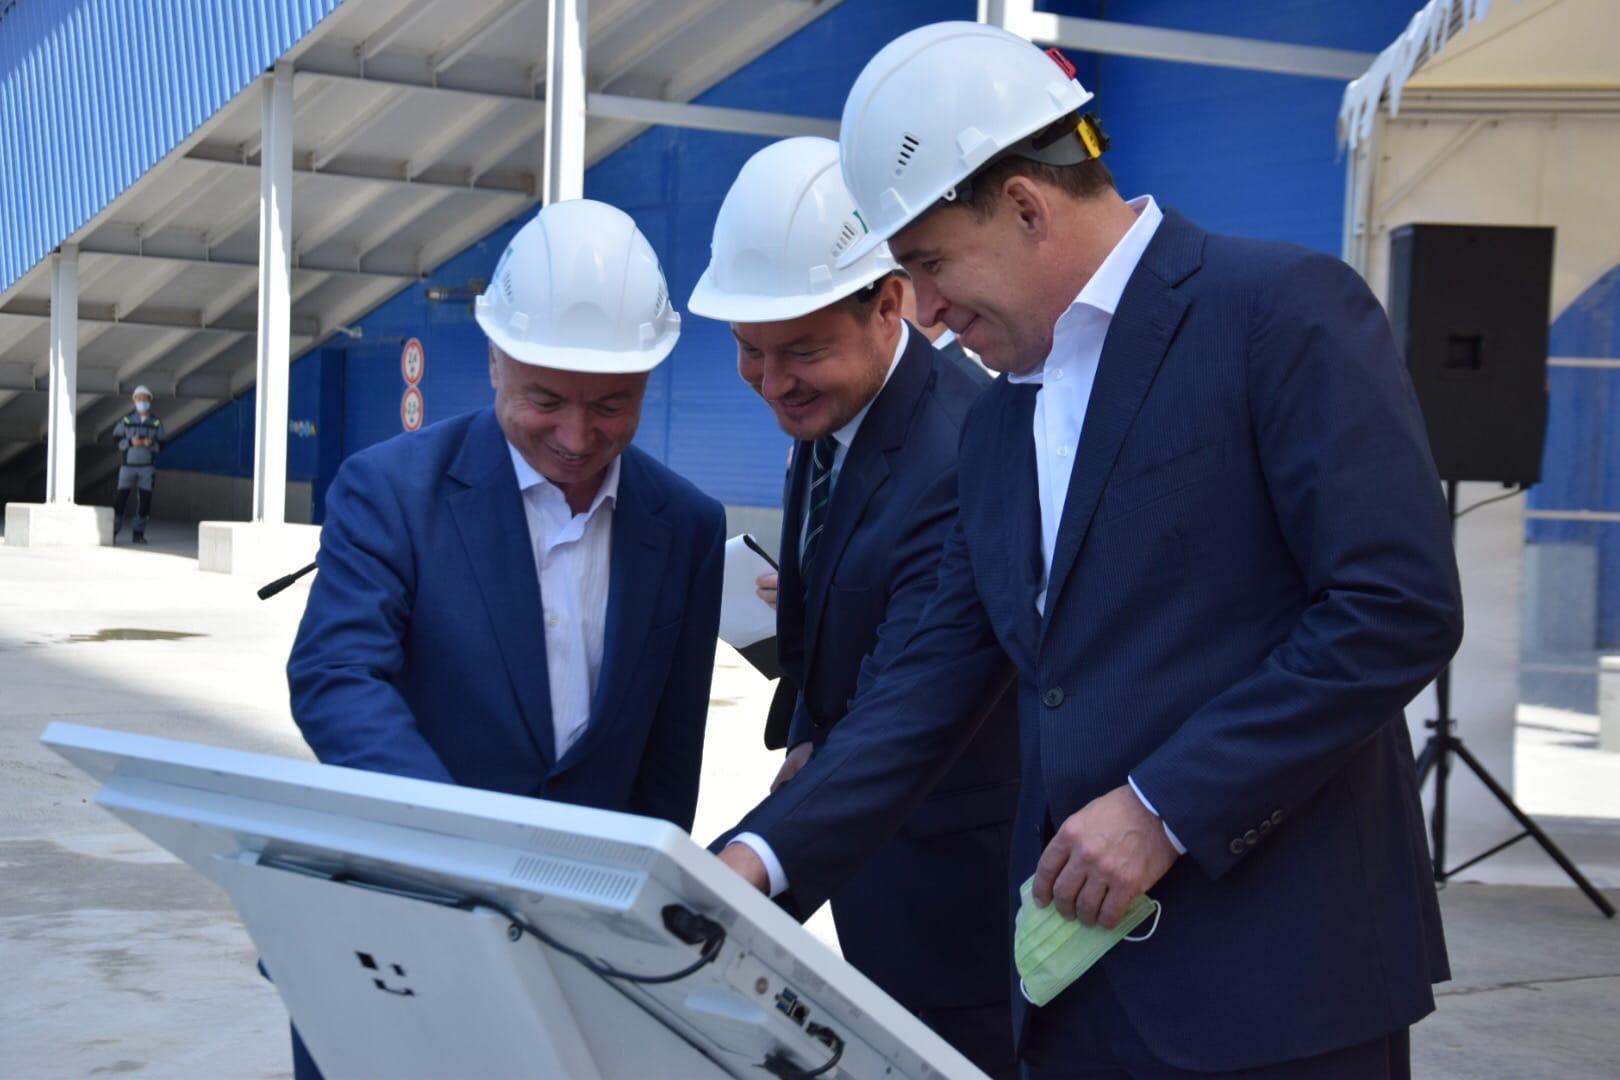 На новый цементный завод под Сысертью приехал губернатор Свердловской области